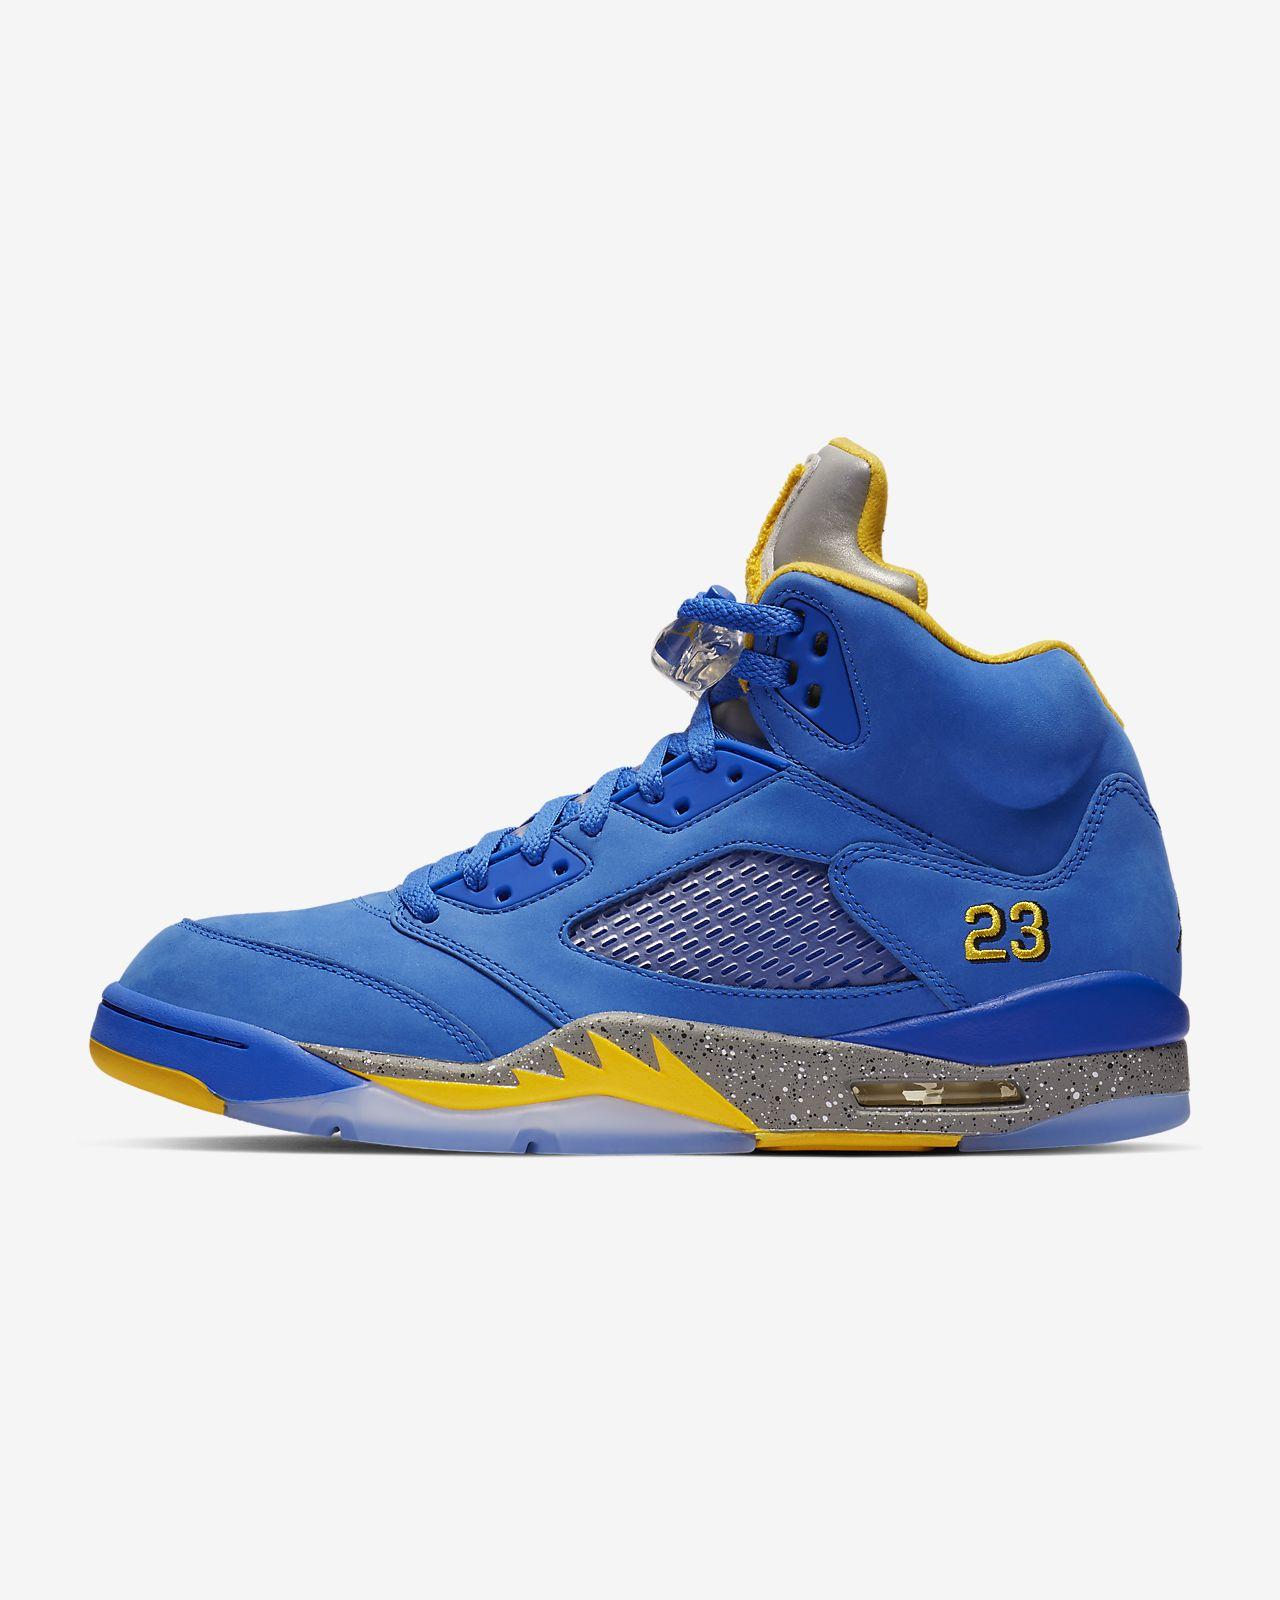 Air Jordan 5 Laney JSP 男子运动鞋